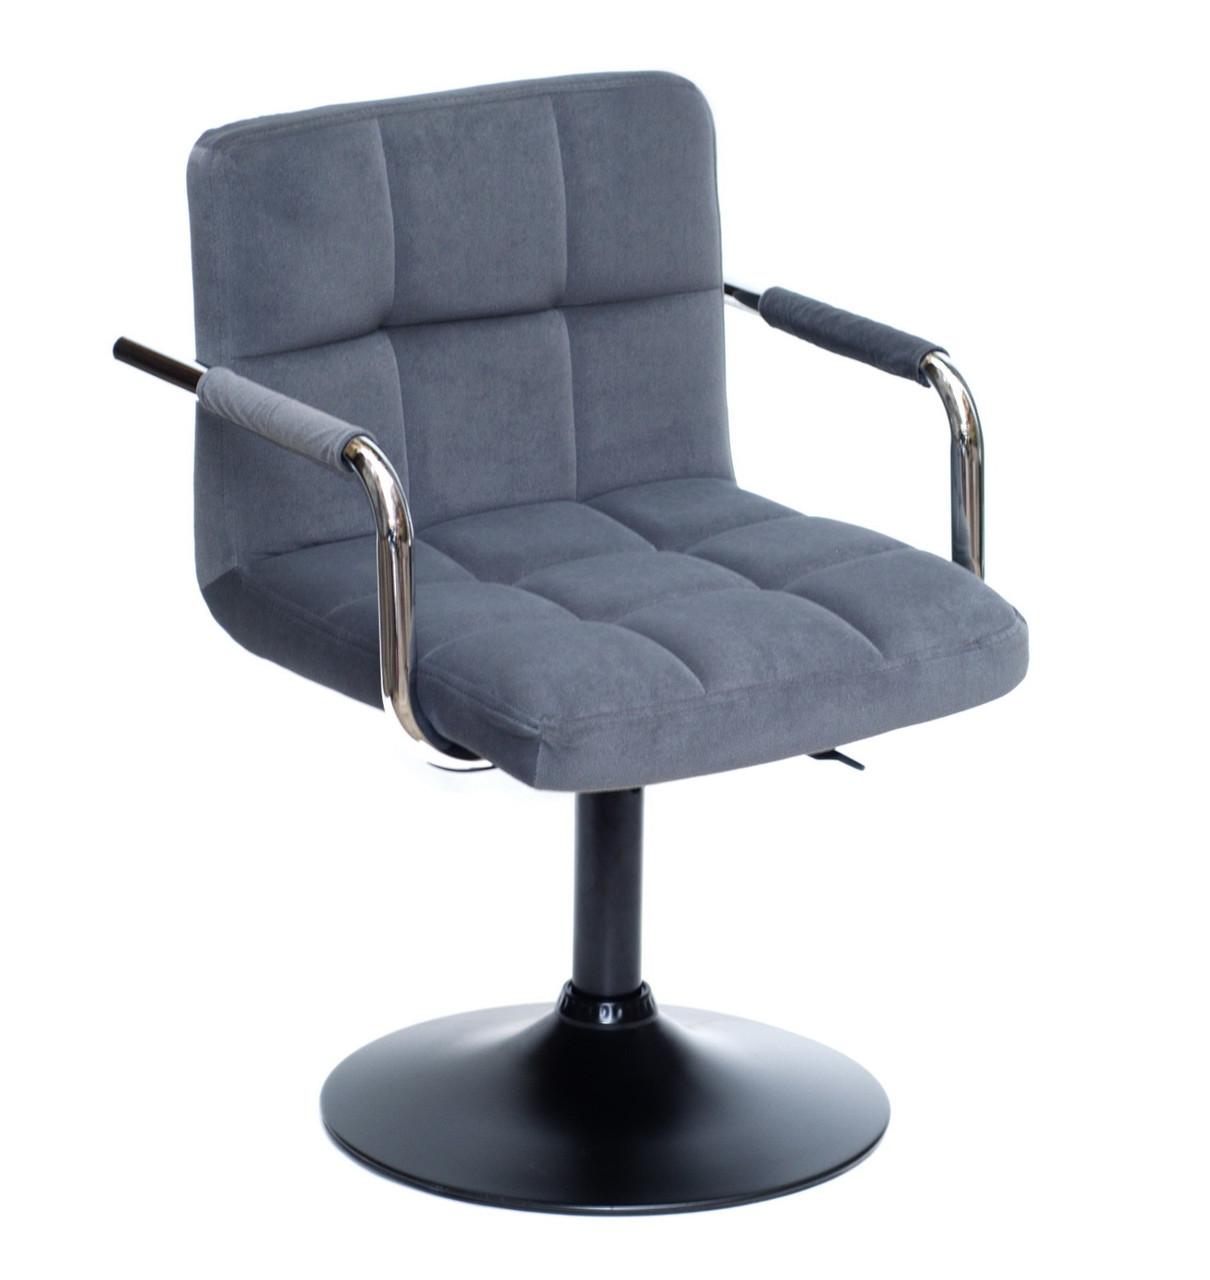 Кресло парикмахера Арно ARNO ВК-BASE серый бархат на блине с подлокотниками экокожа